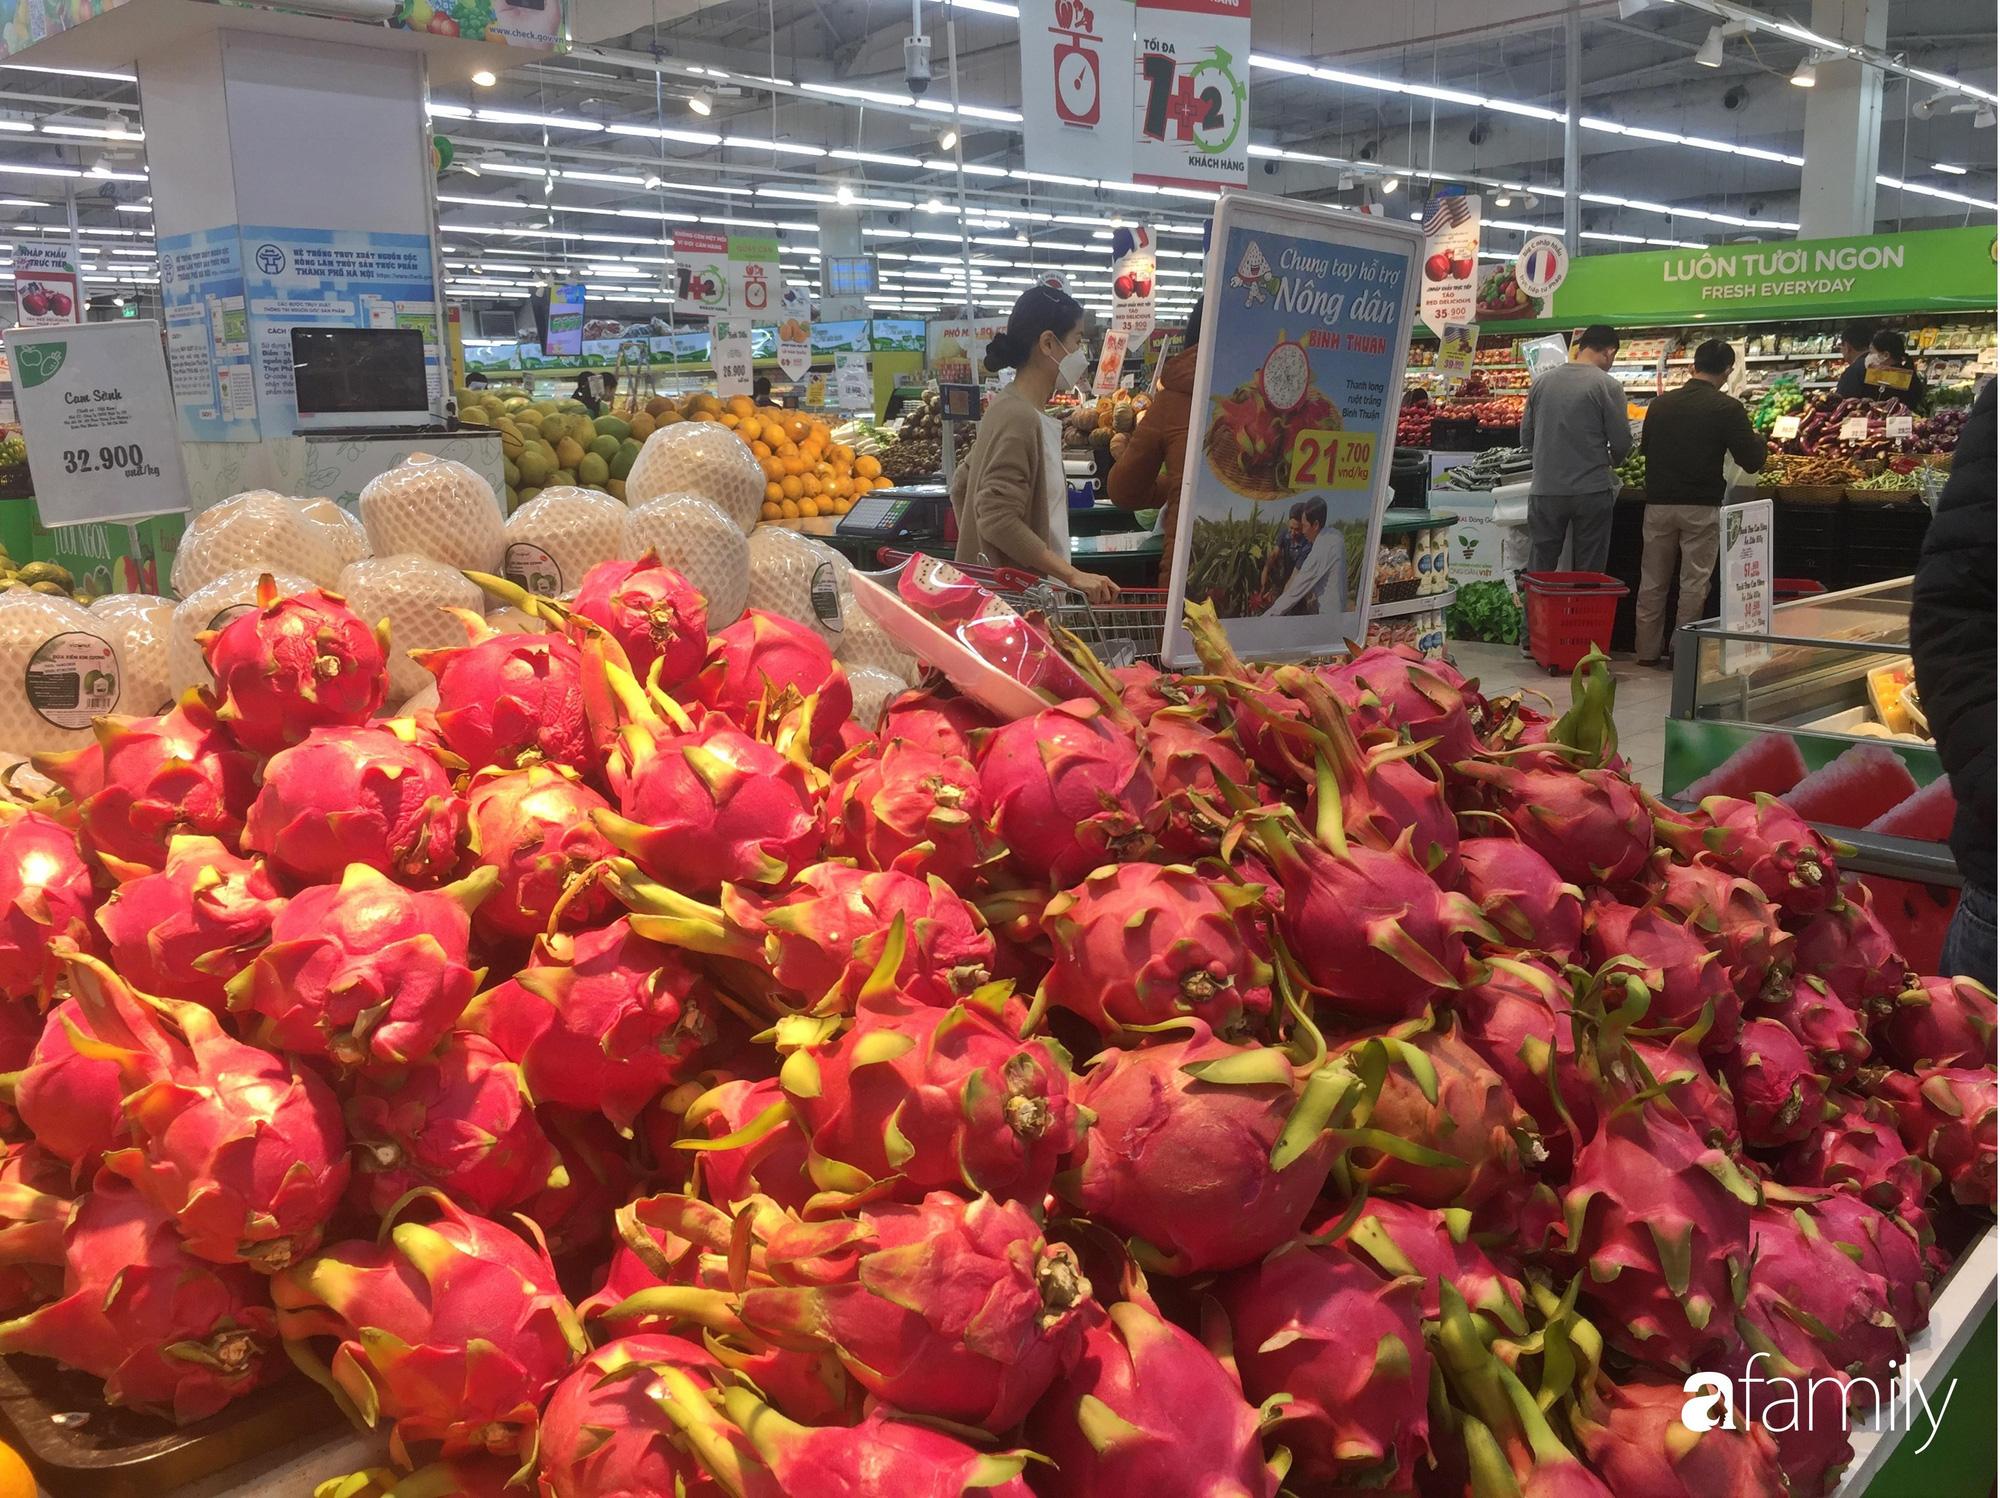 Giá hoa quả trong siêu thị rẻ gấp 3 lần so với thời điểm trước Tết, dưa hấu còn 6.700 đồng/kg - Ảnh 3.